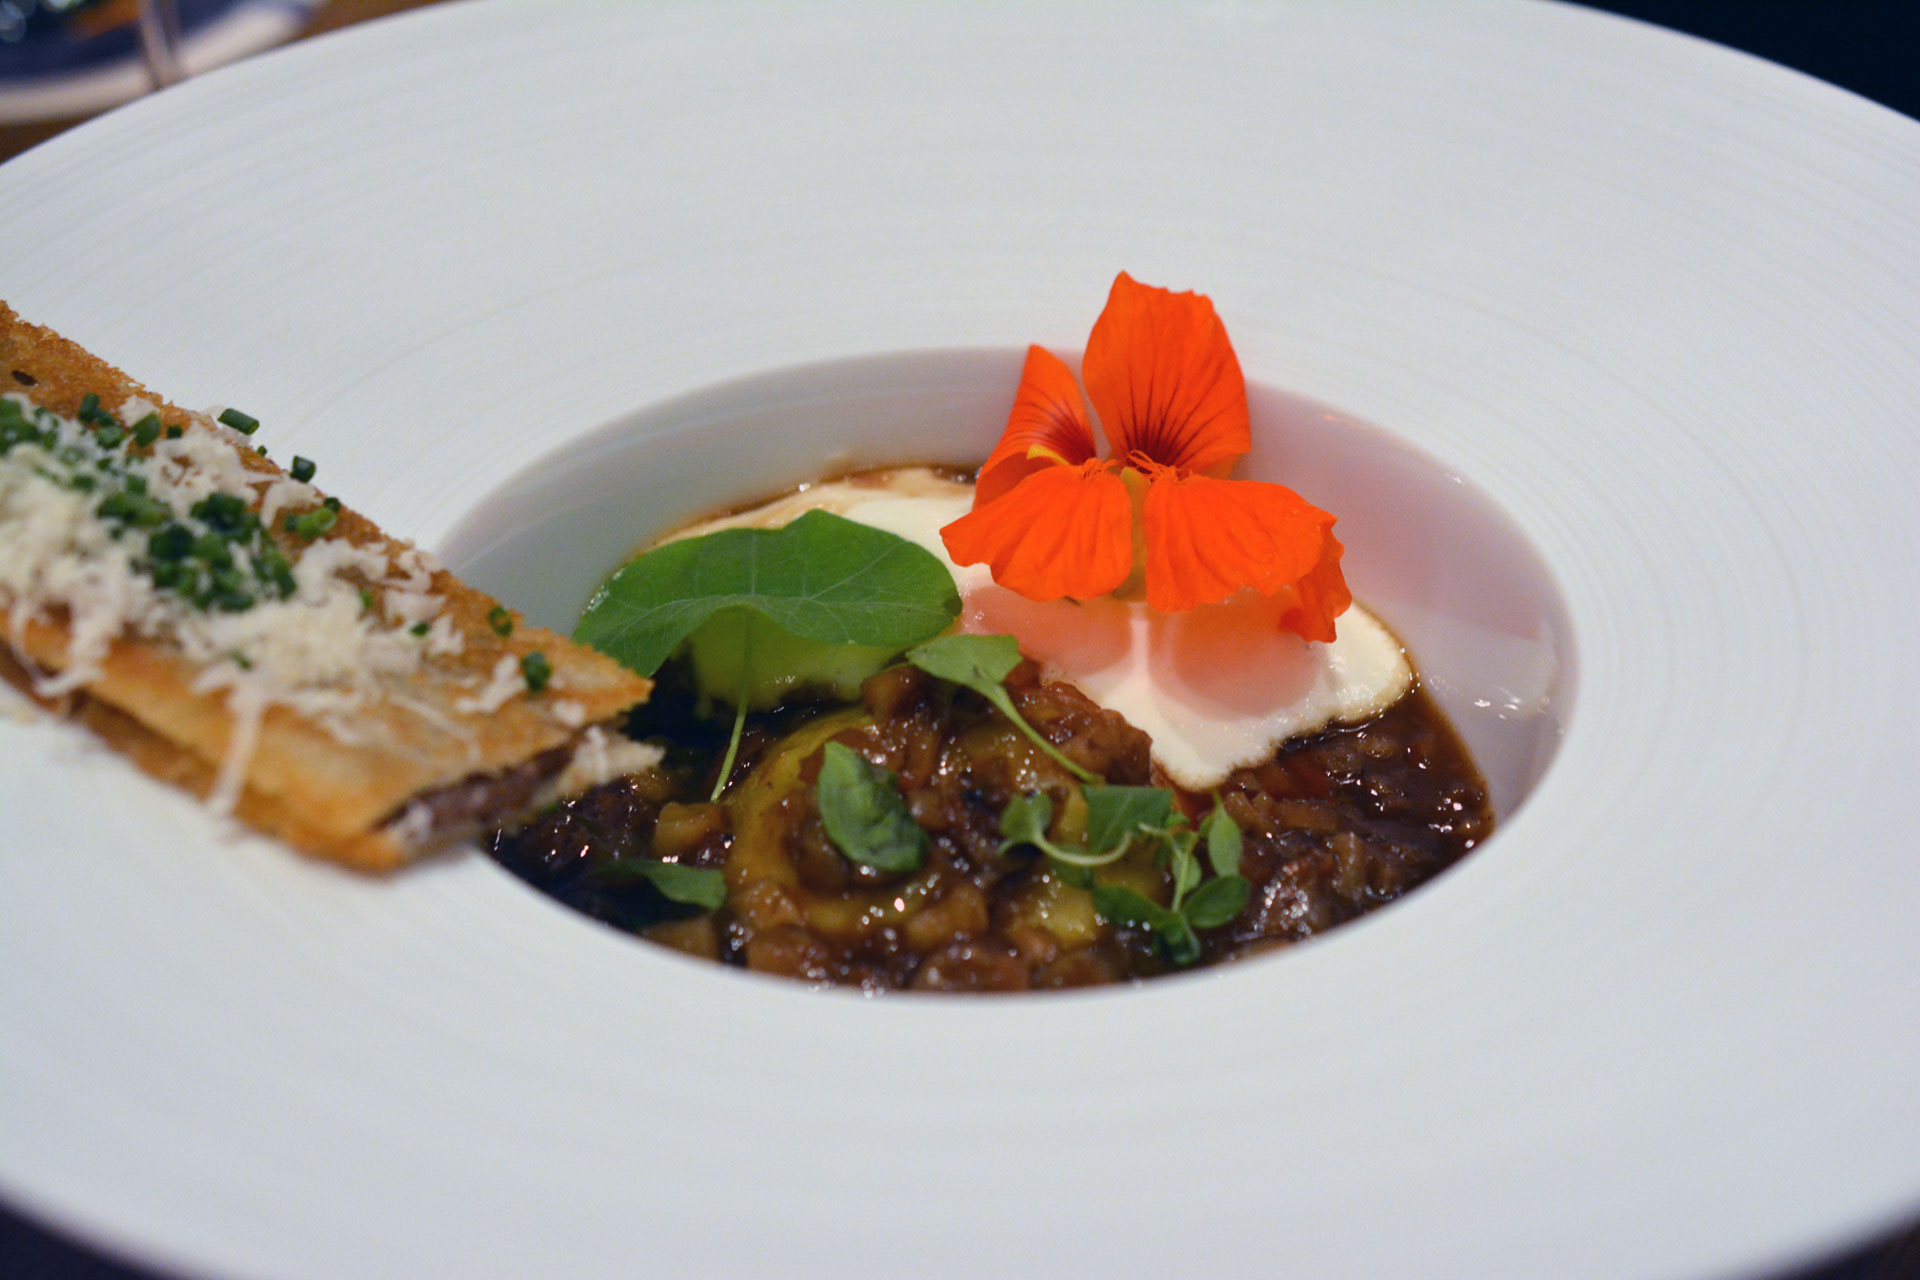 Ravioli gefüllt mit Shiitake-Pilzen, Ragout von Schweinfüssen, Baguette mit Schweinskopf, Estragonblüte, Espuma